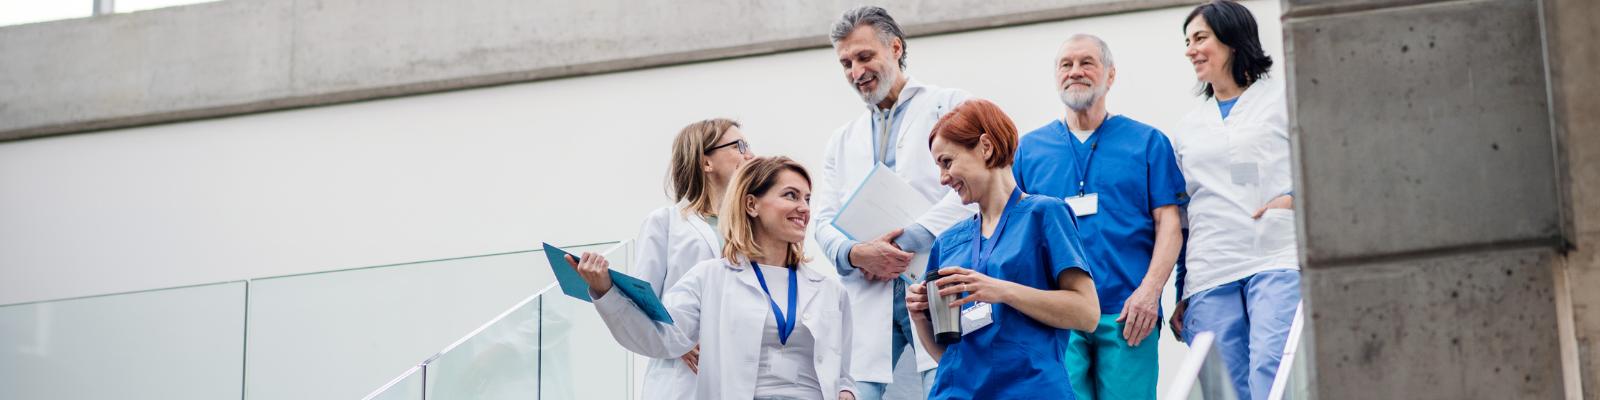 Doctors for greener healthcare